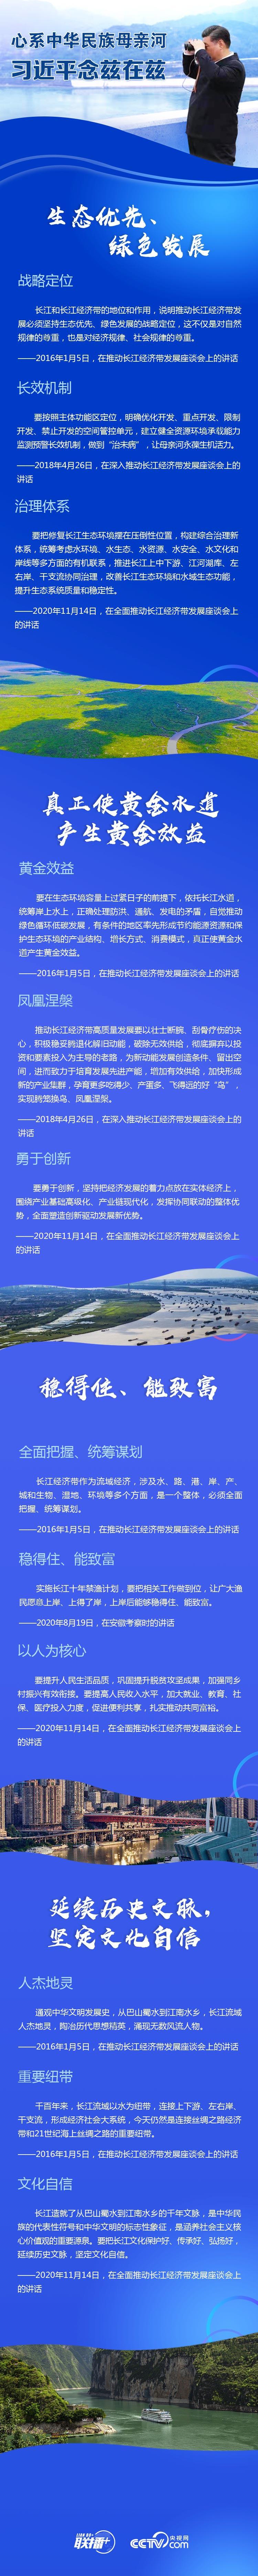 心系中华民族母亲河 习近平念兹在兹图片